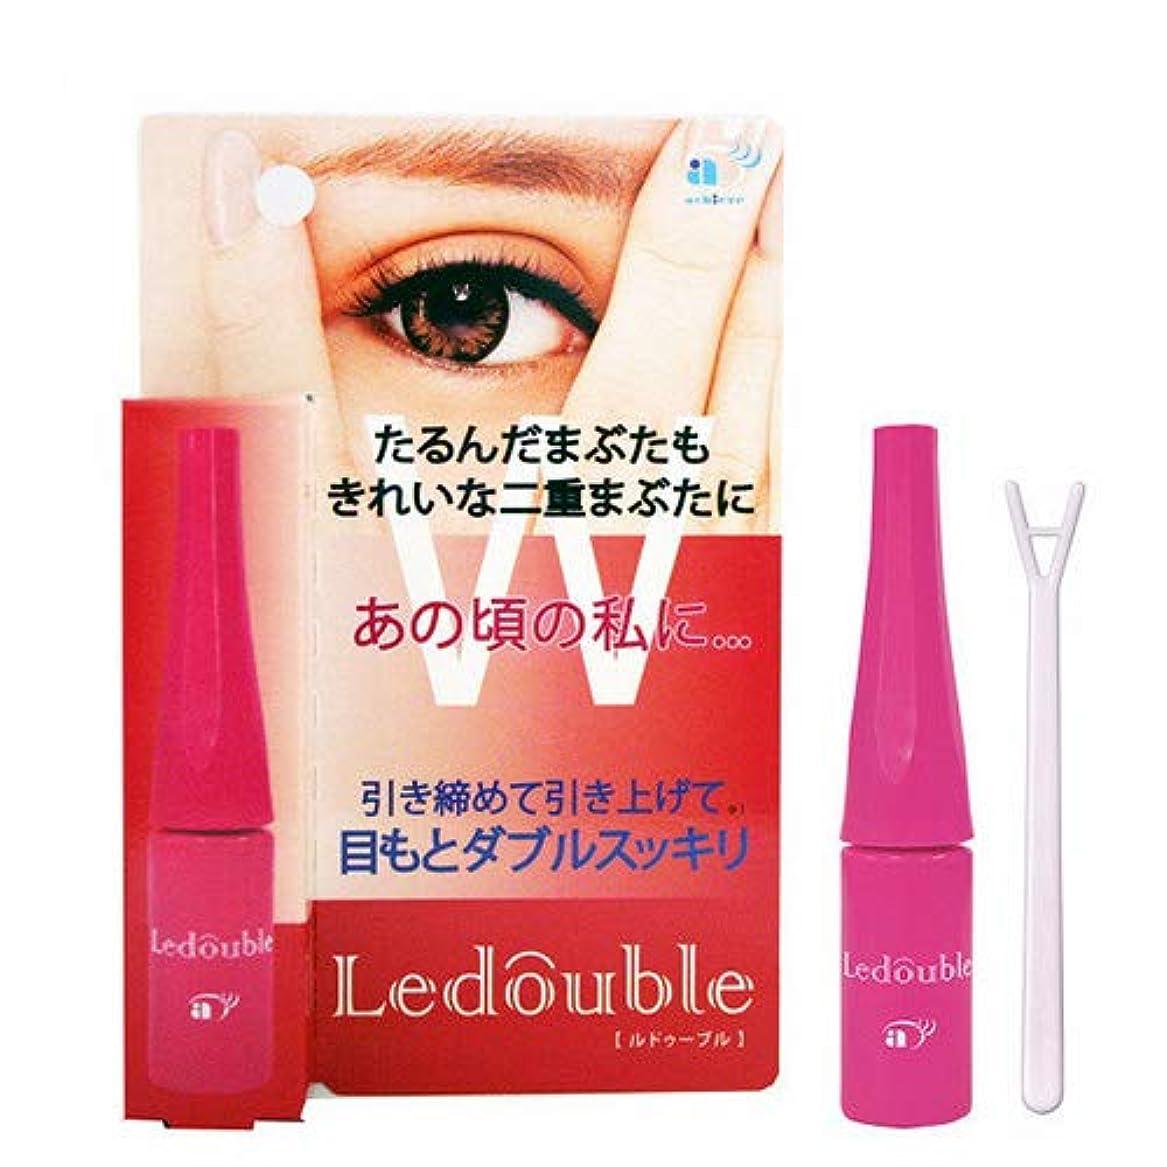 ロゴ失速論理大人のLedouble [大人のルドゥーブル] 二重まぶた化粧品 (4mL)×2個セット